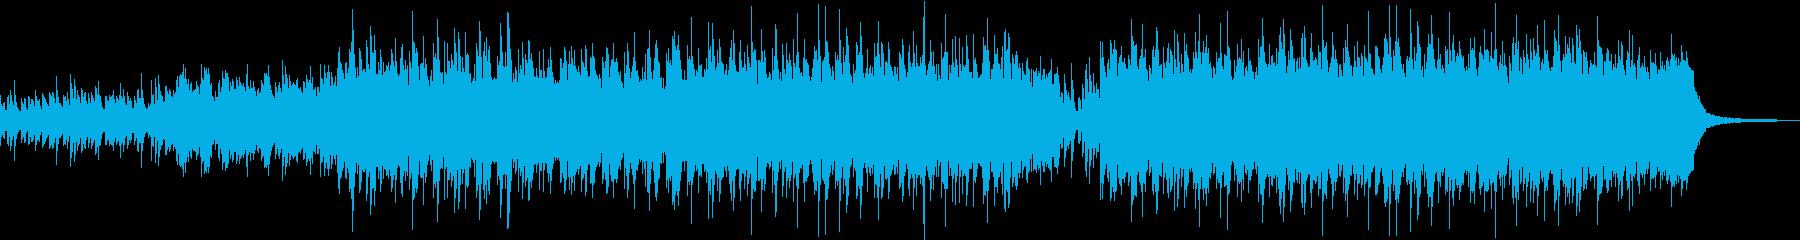 企業VPや映像にドラマチックピアノBGMの再生済みの波形